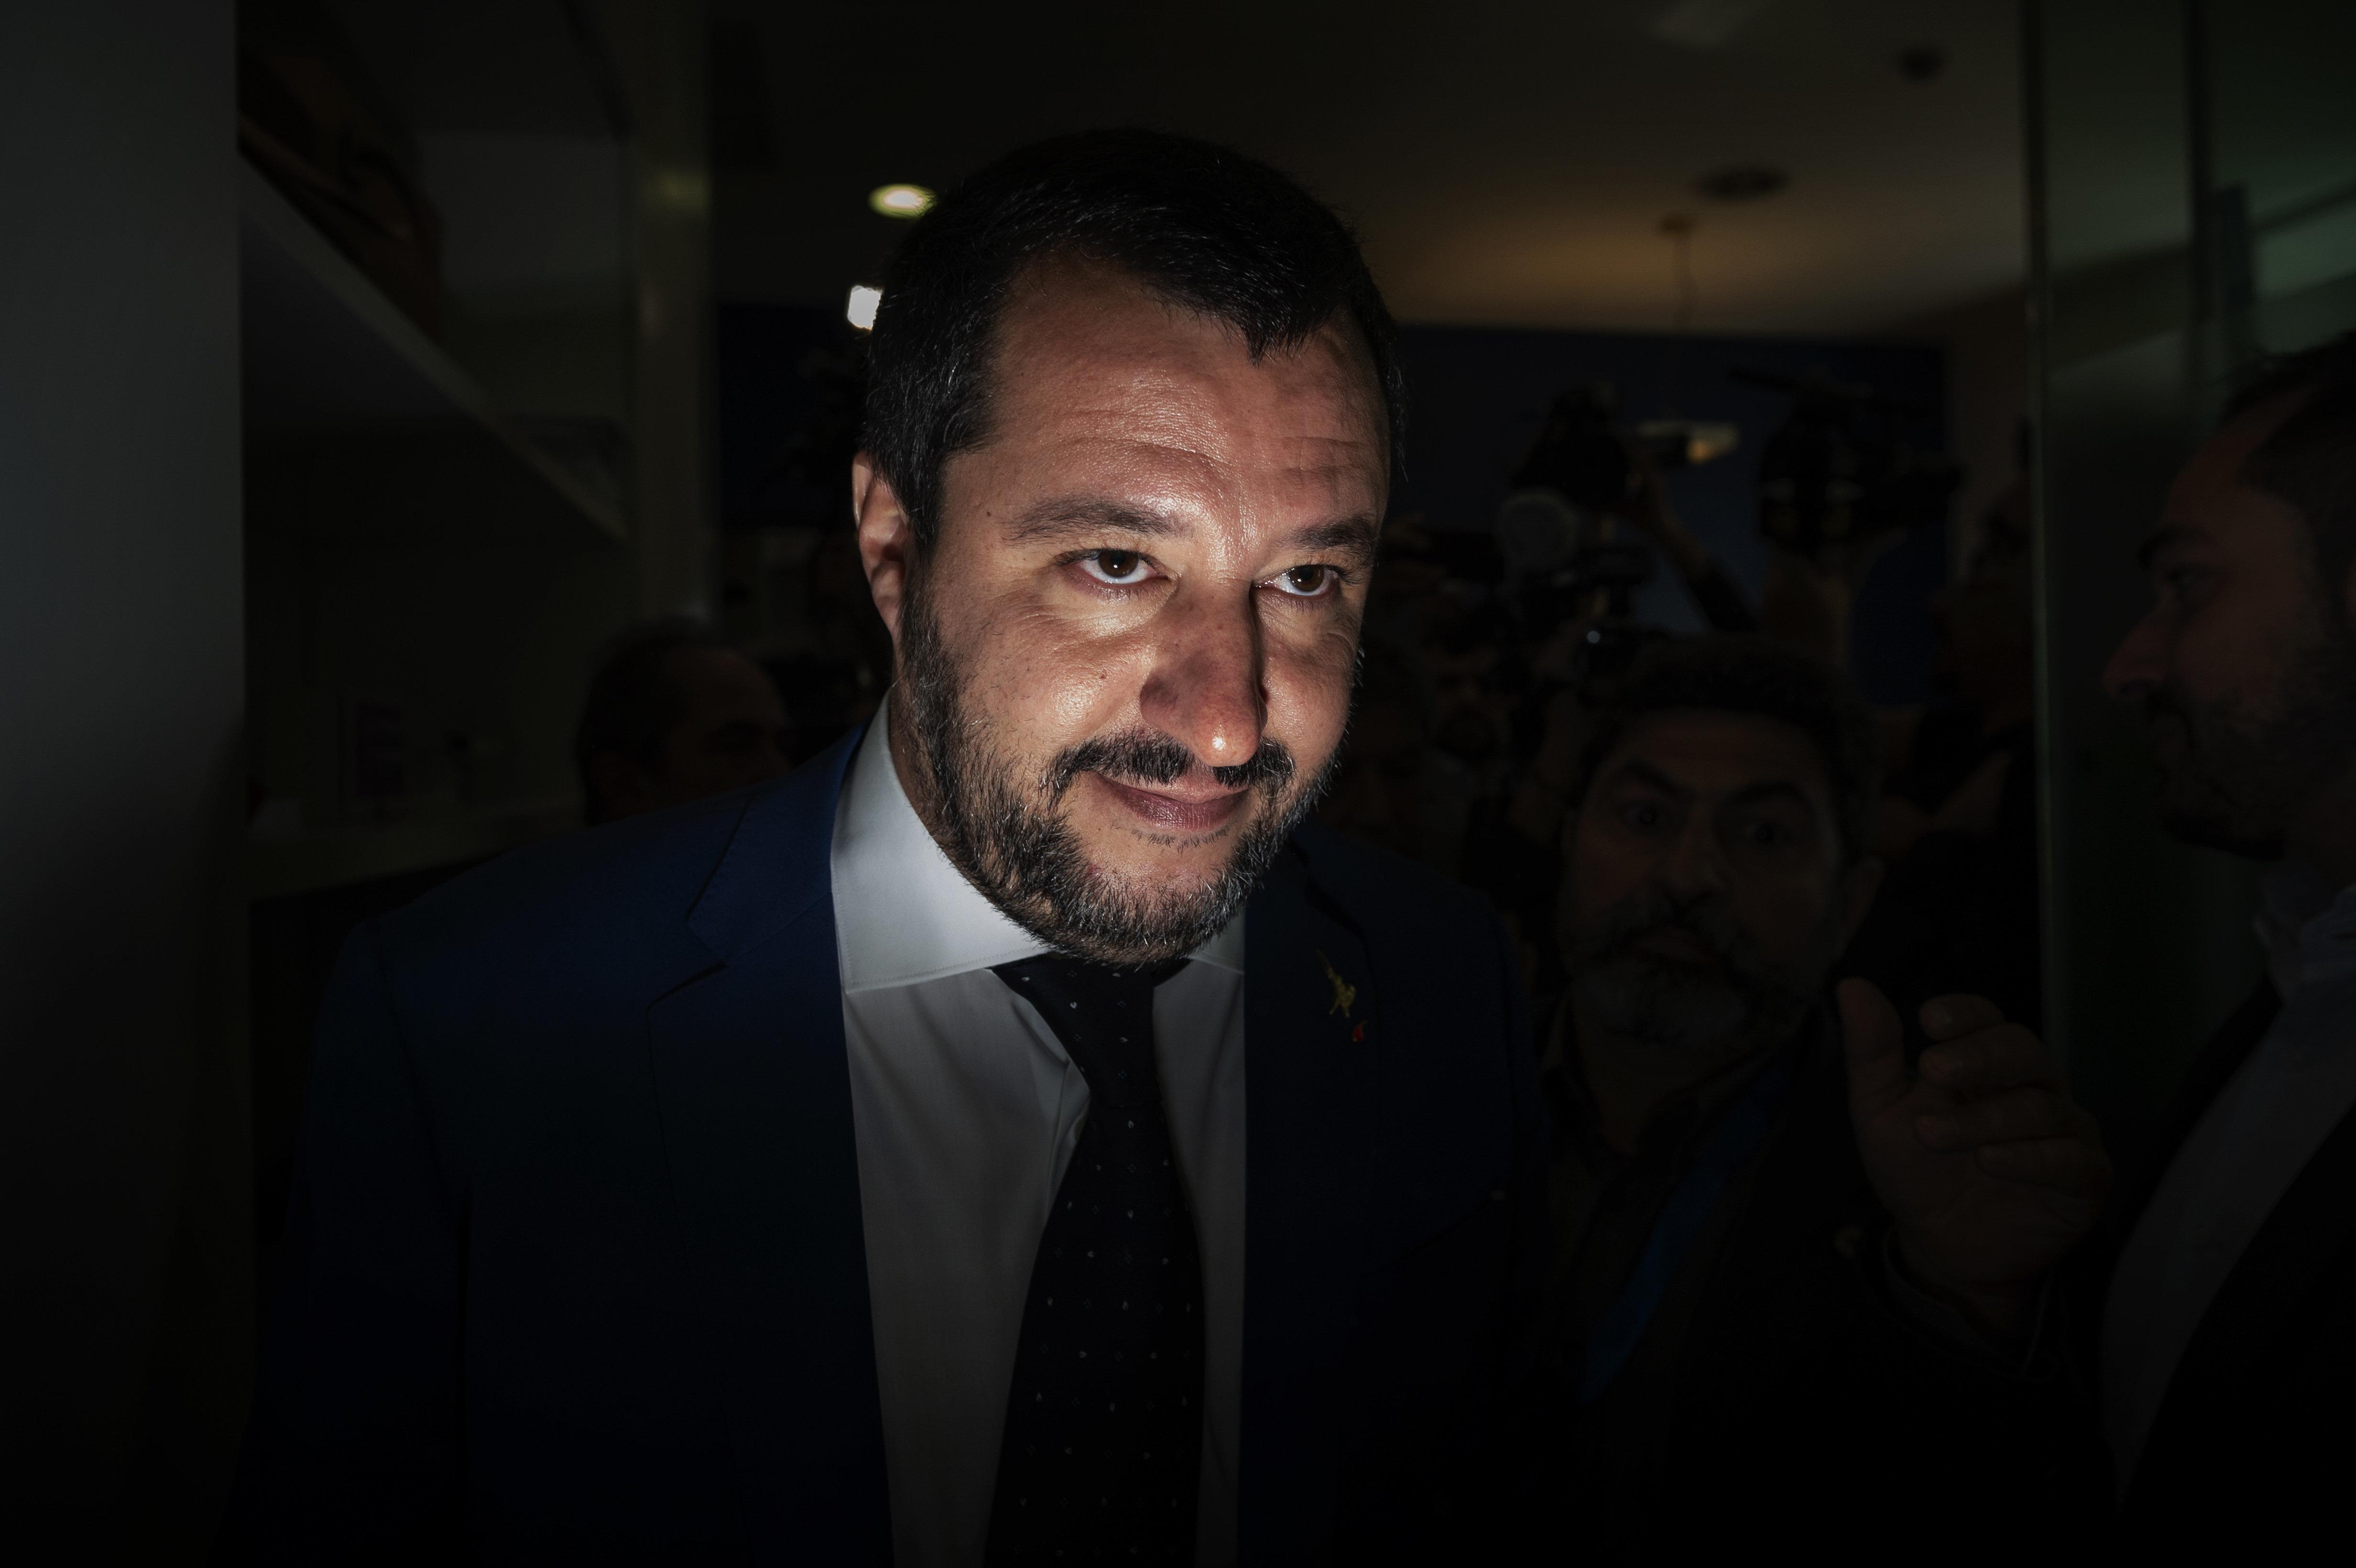 Italiens Innenminister Salvini in der Kritik.